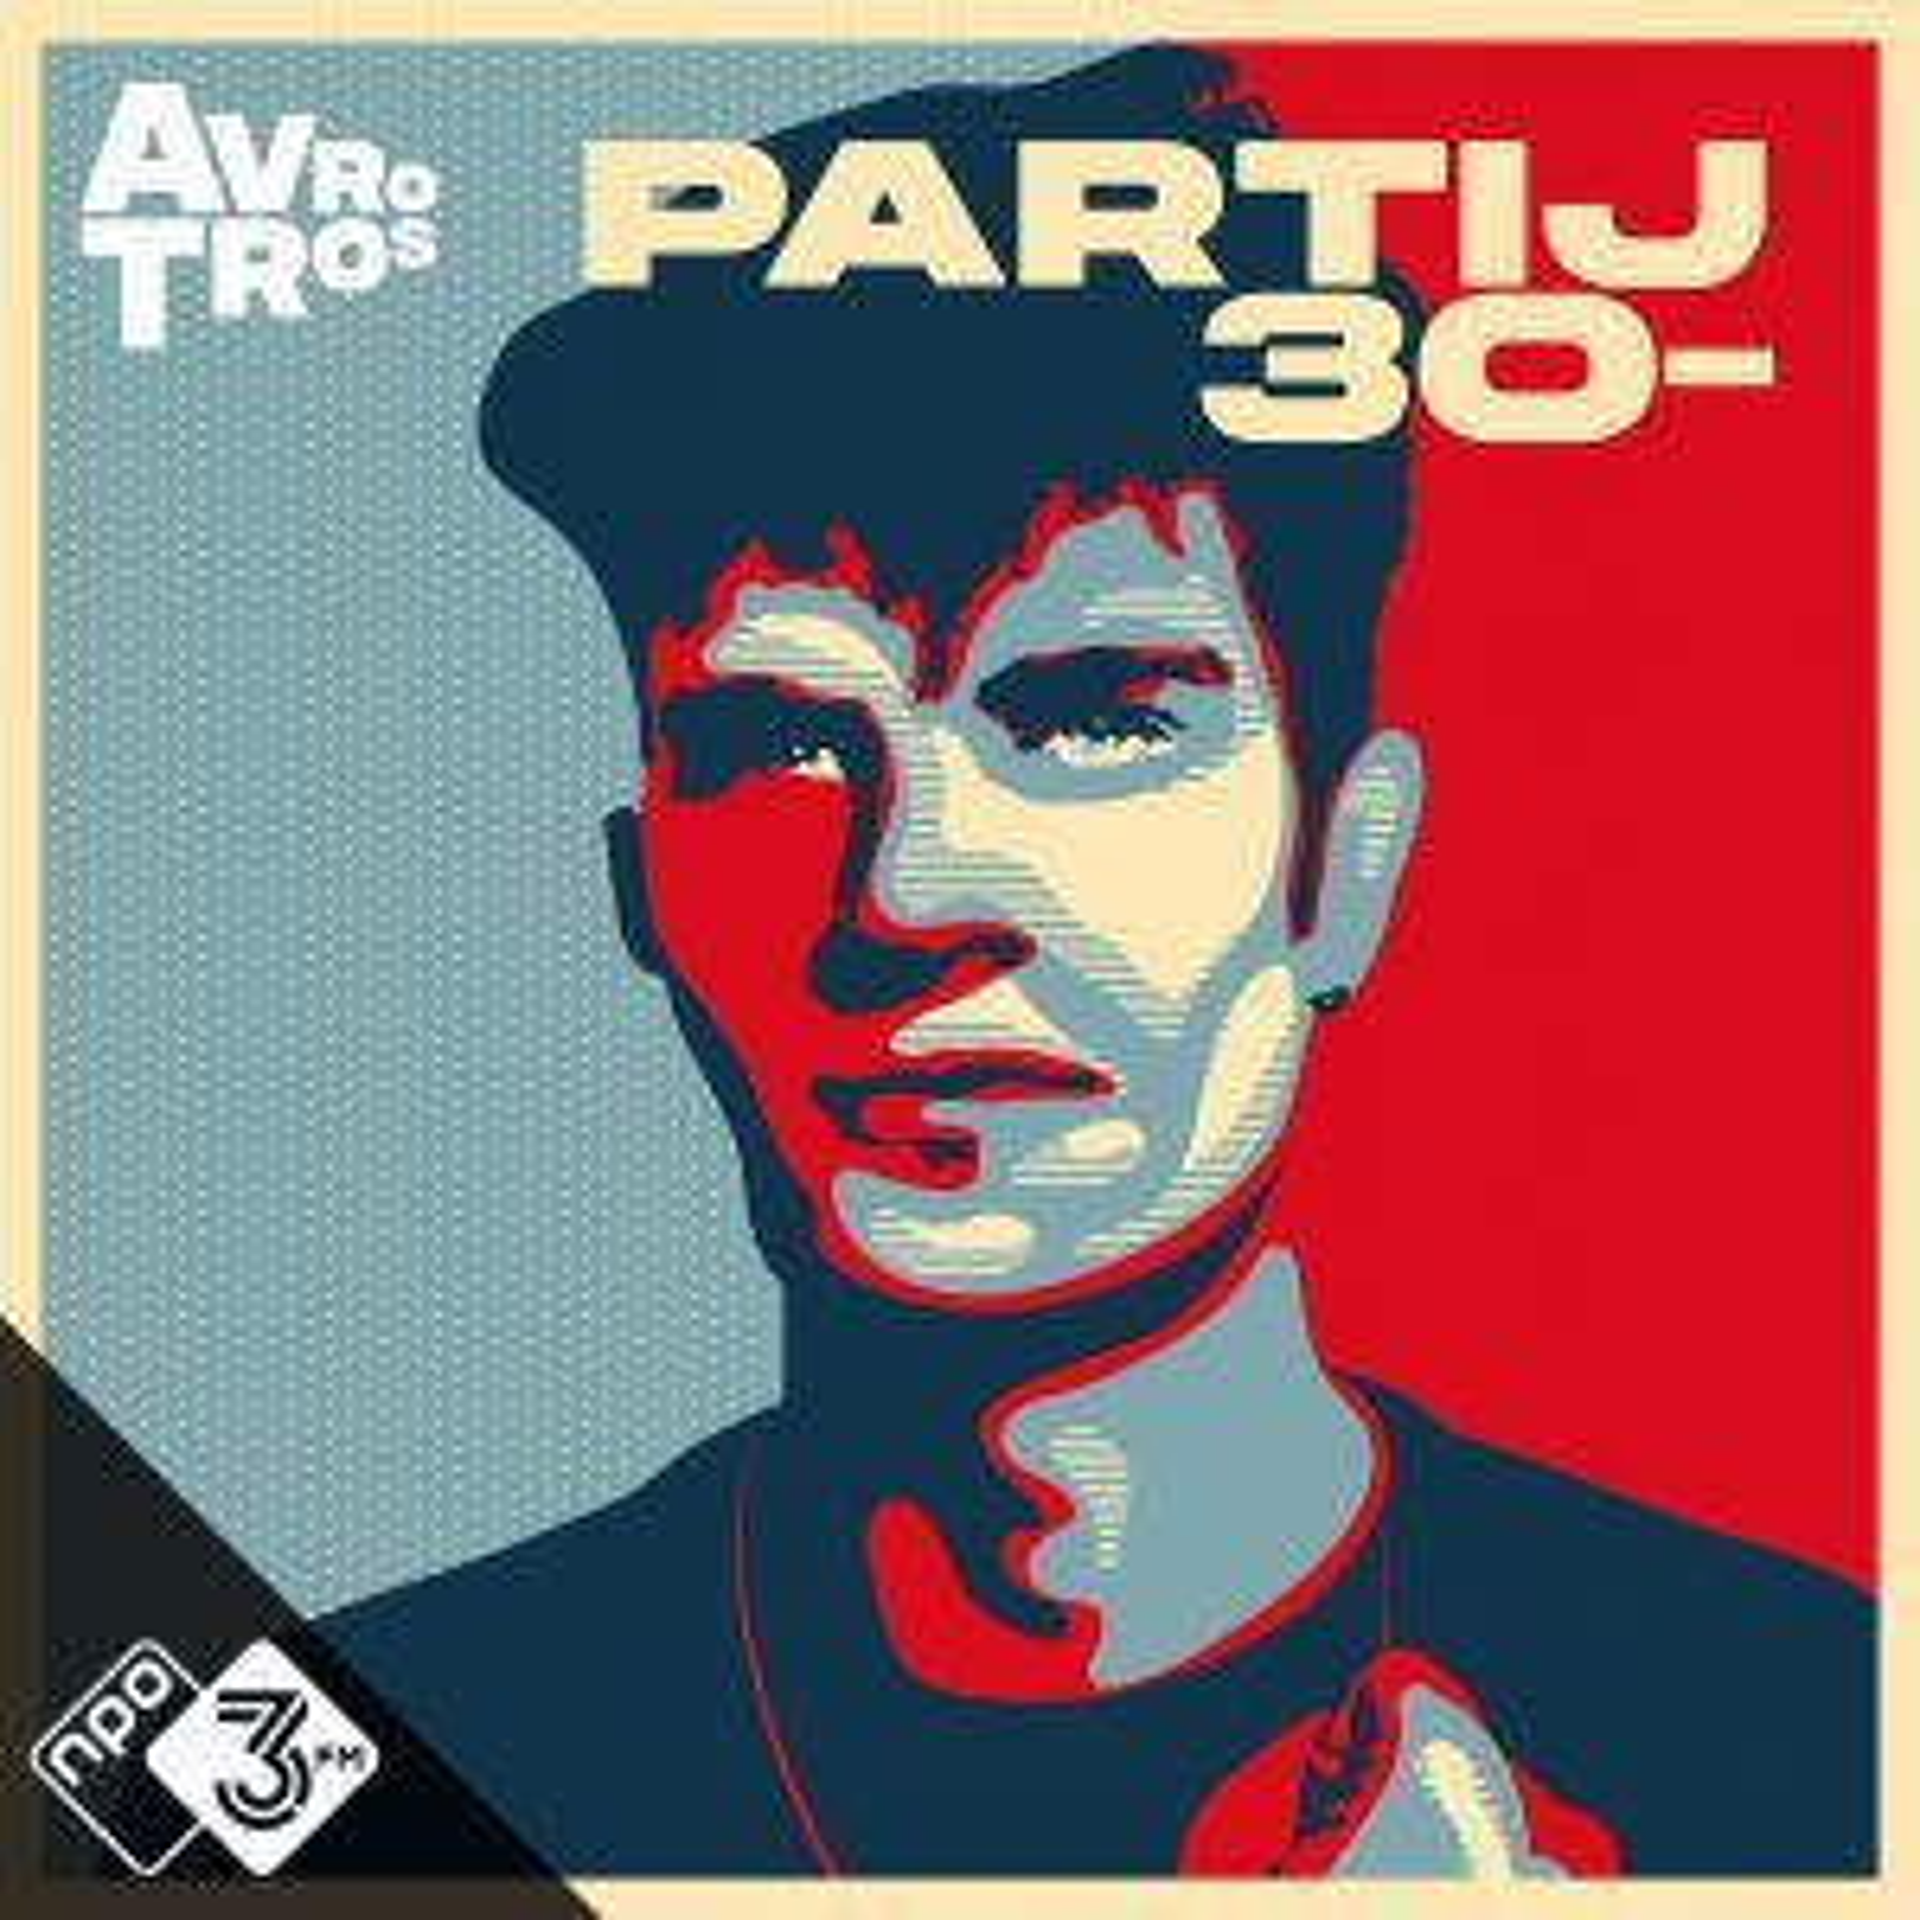 3FM-dj Olivier over zijn (fictieve) jongerenpartij: 'Partij 30- is niet links of rechts'